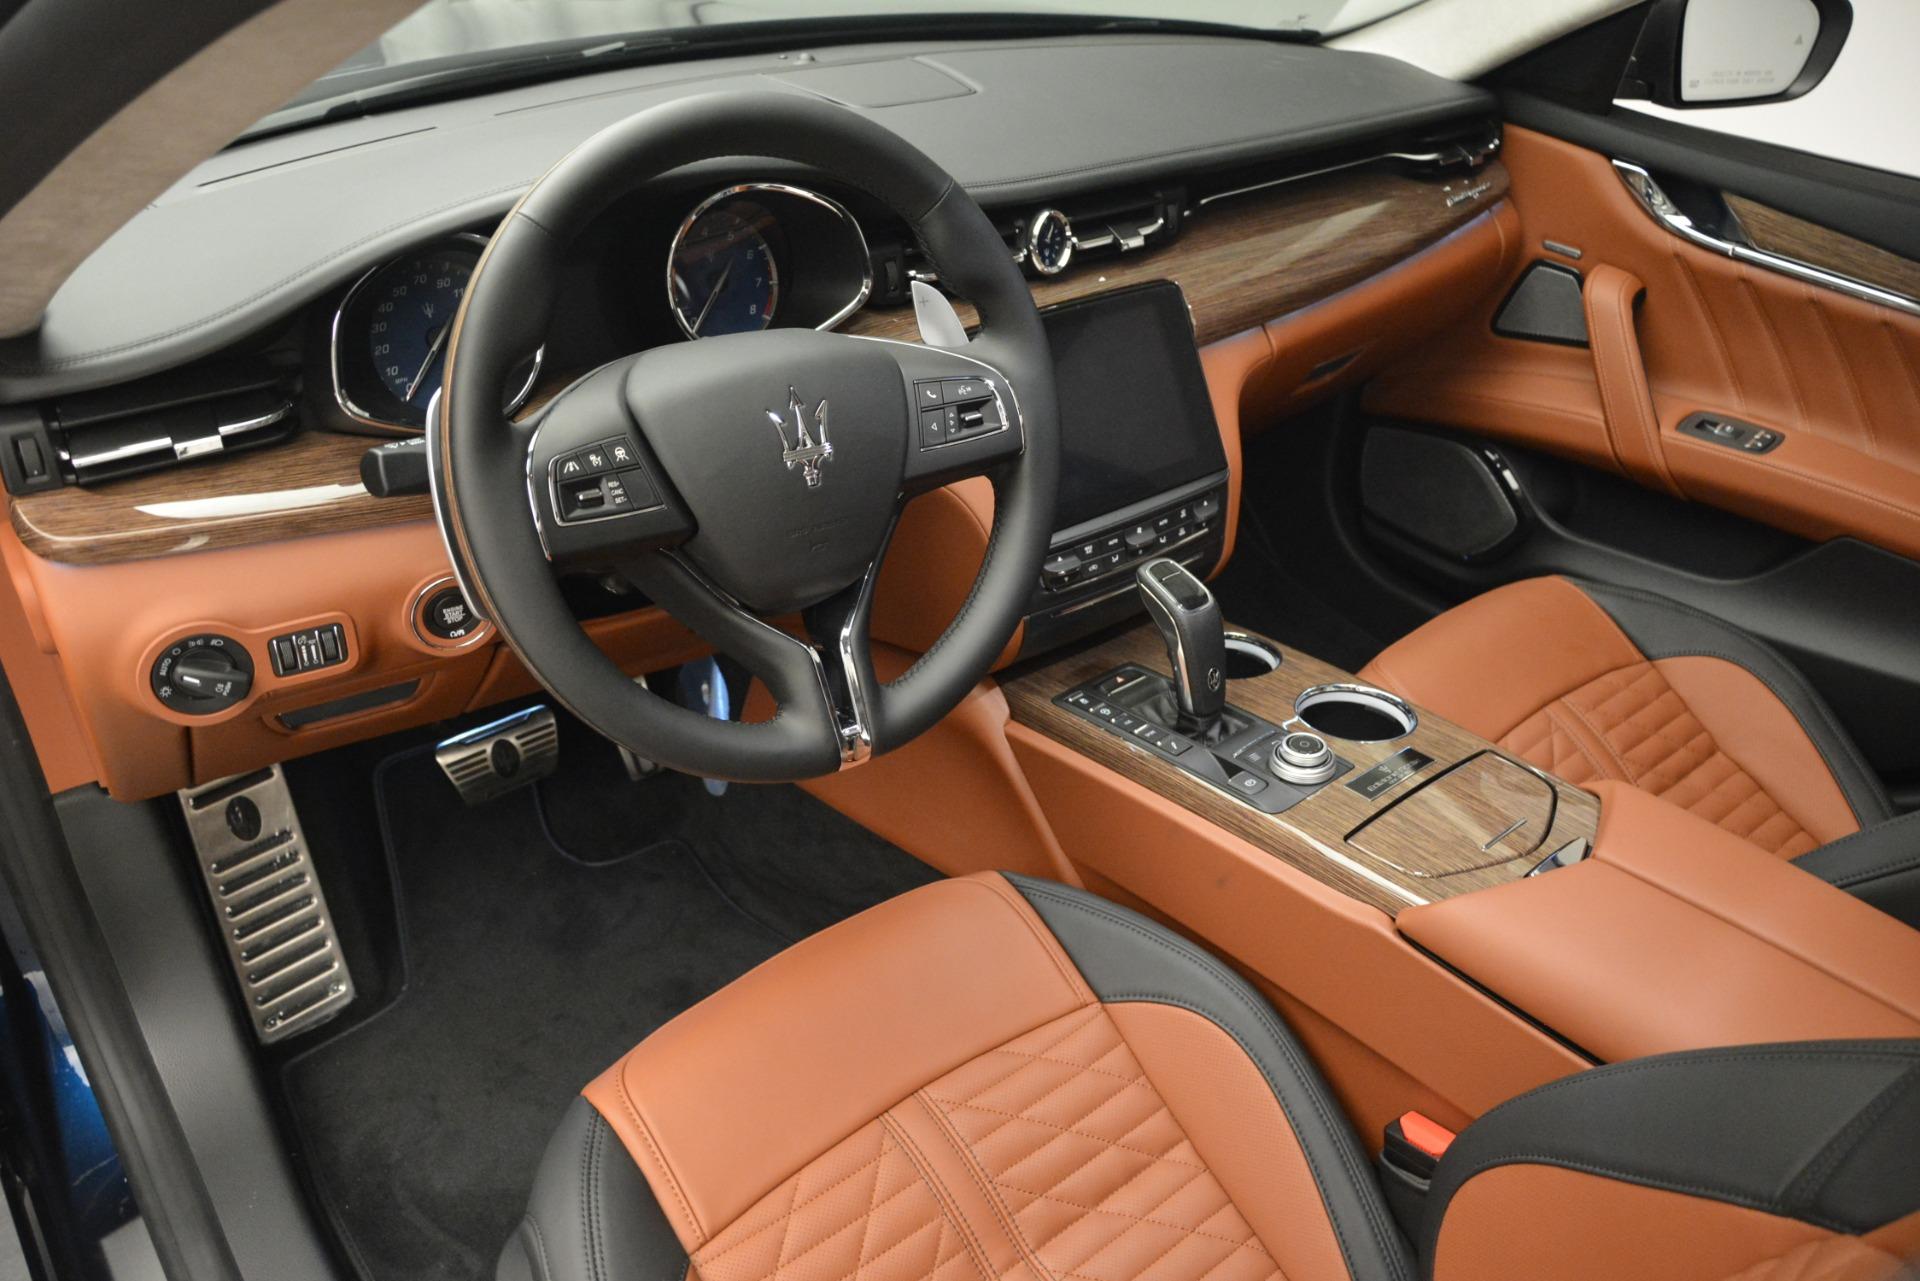 New 2019 Maserati Quattroporte S Q4 GranLusso Edizione Nobile For Sale In Greenwich, CT 2898_p20